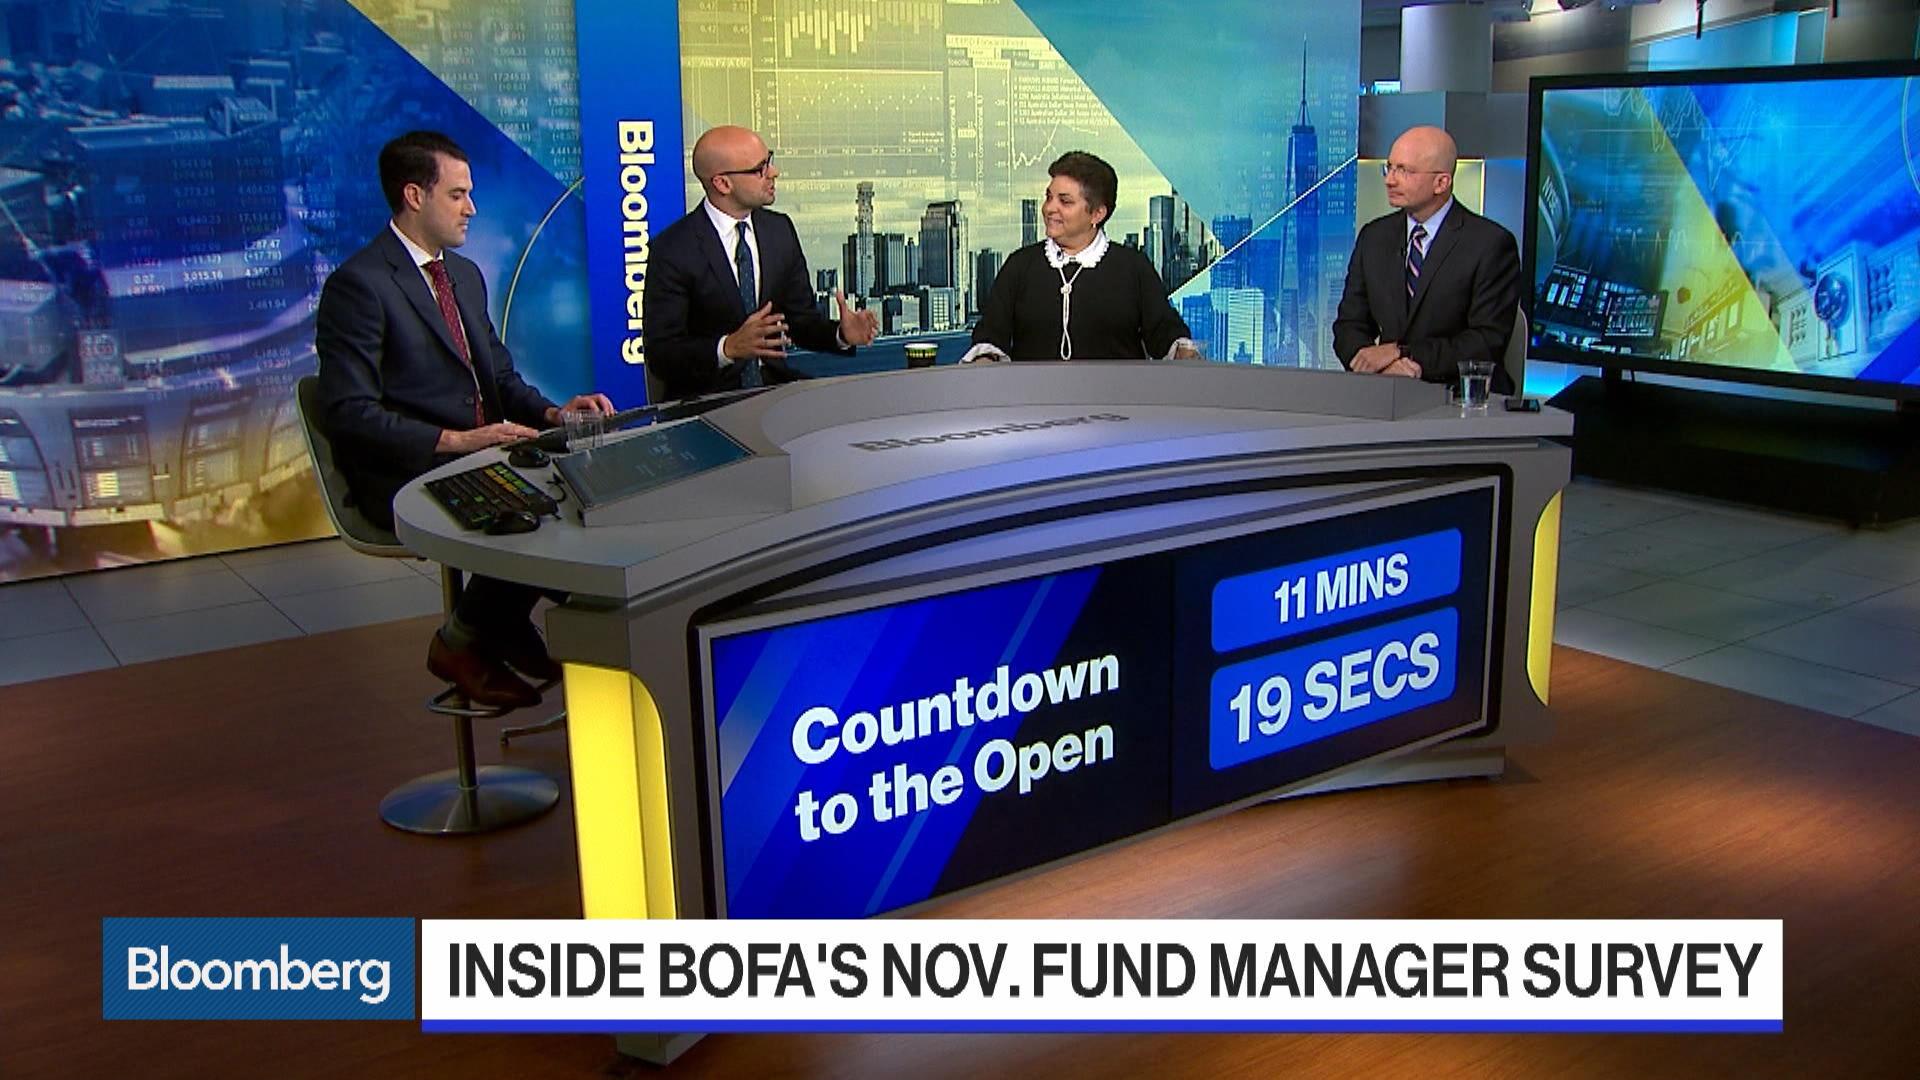 Inside BofA's Nov. Fund Manager Survey